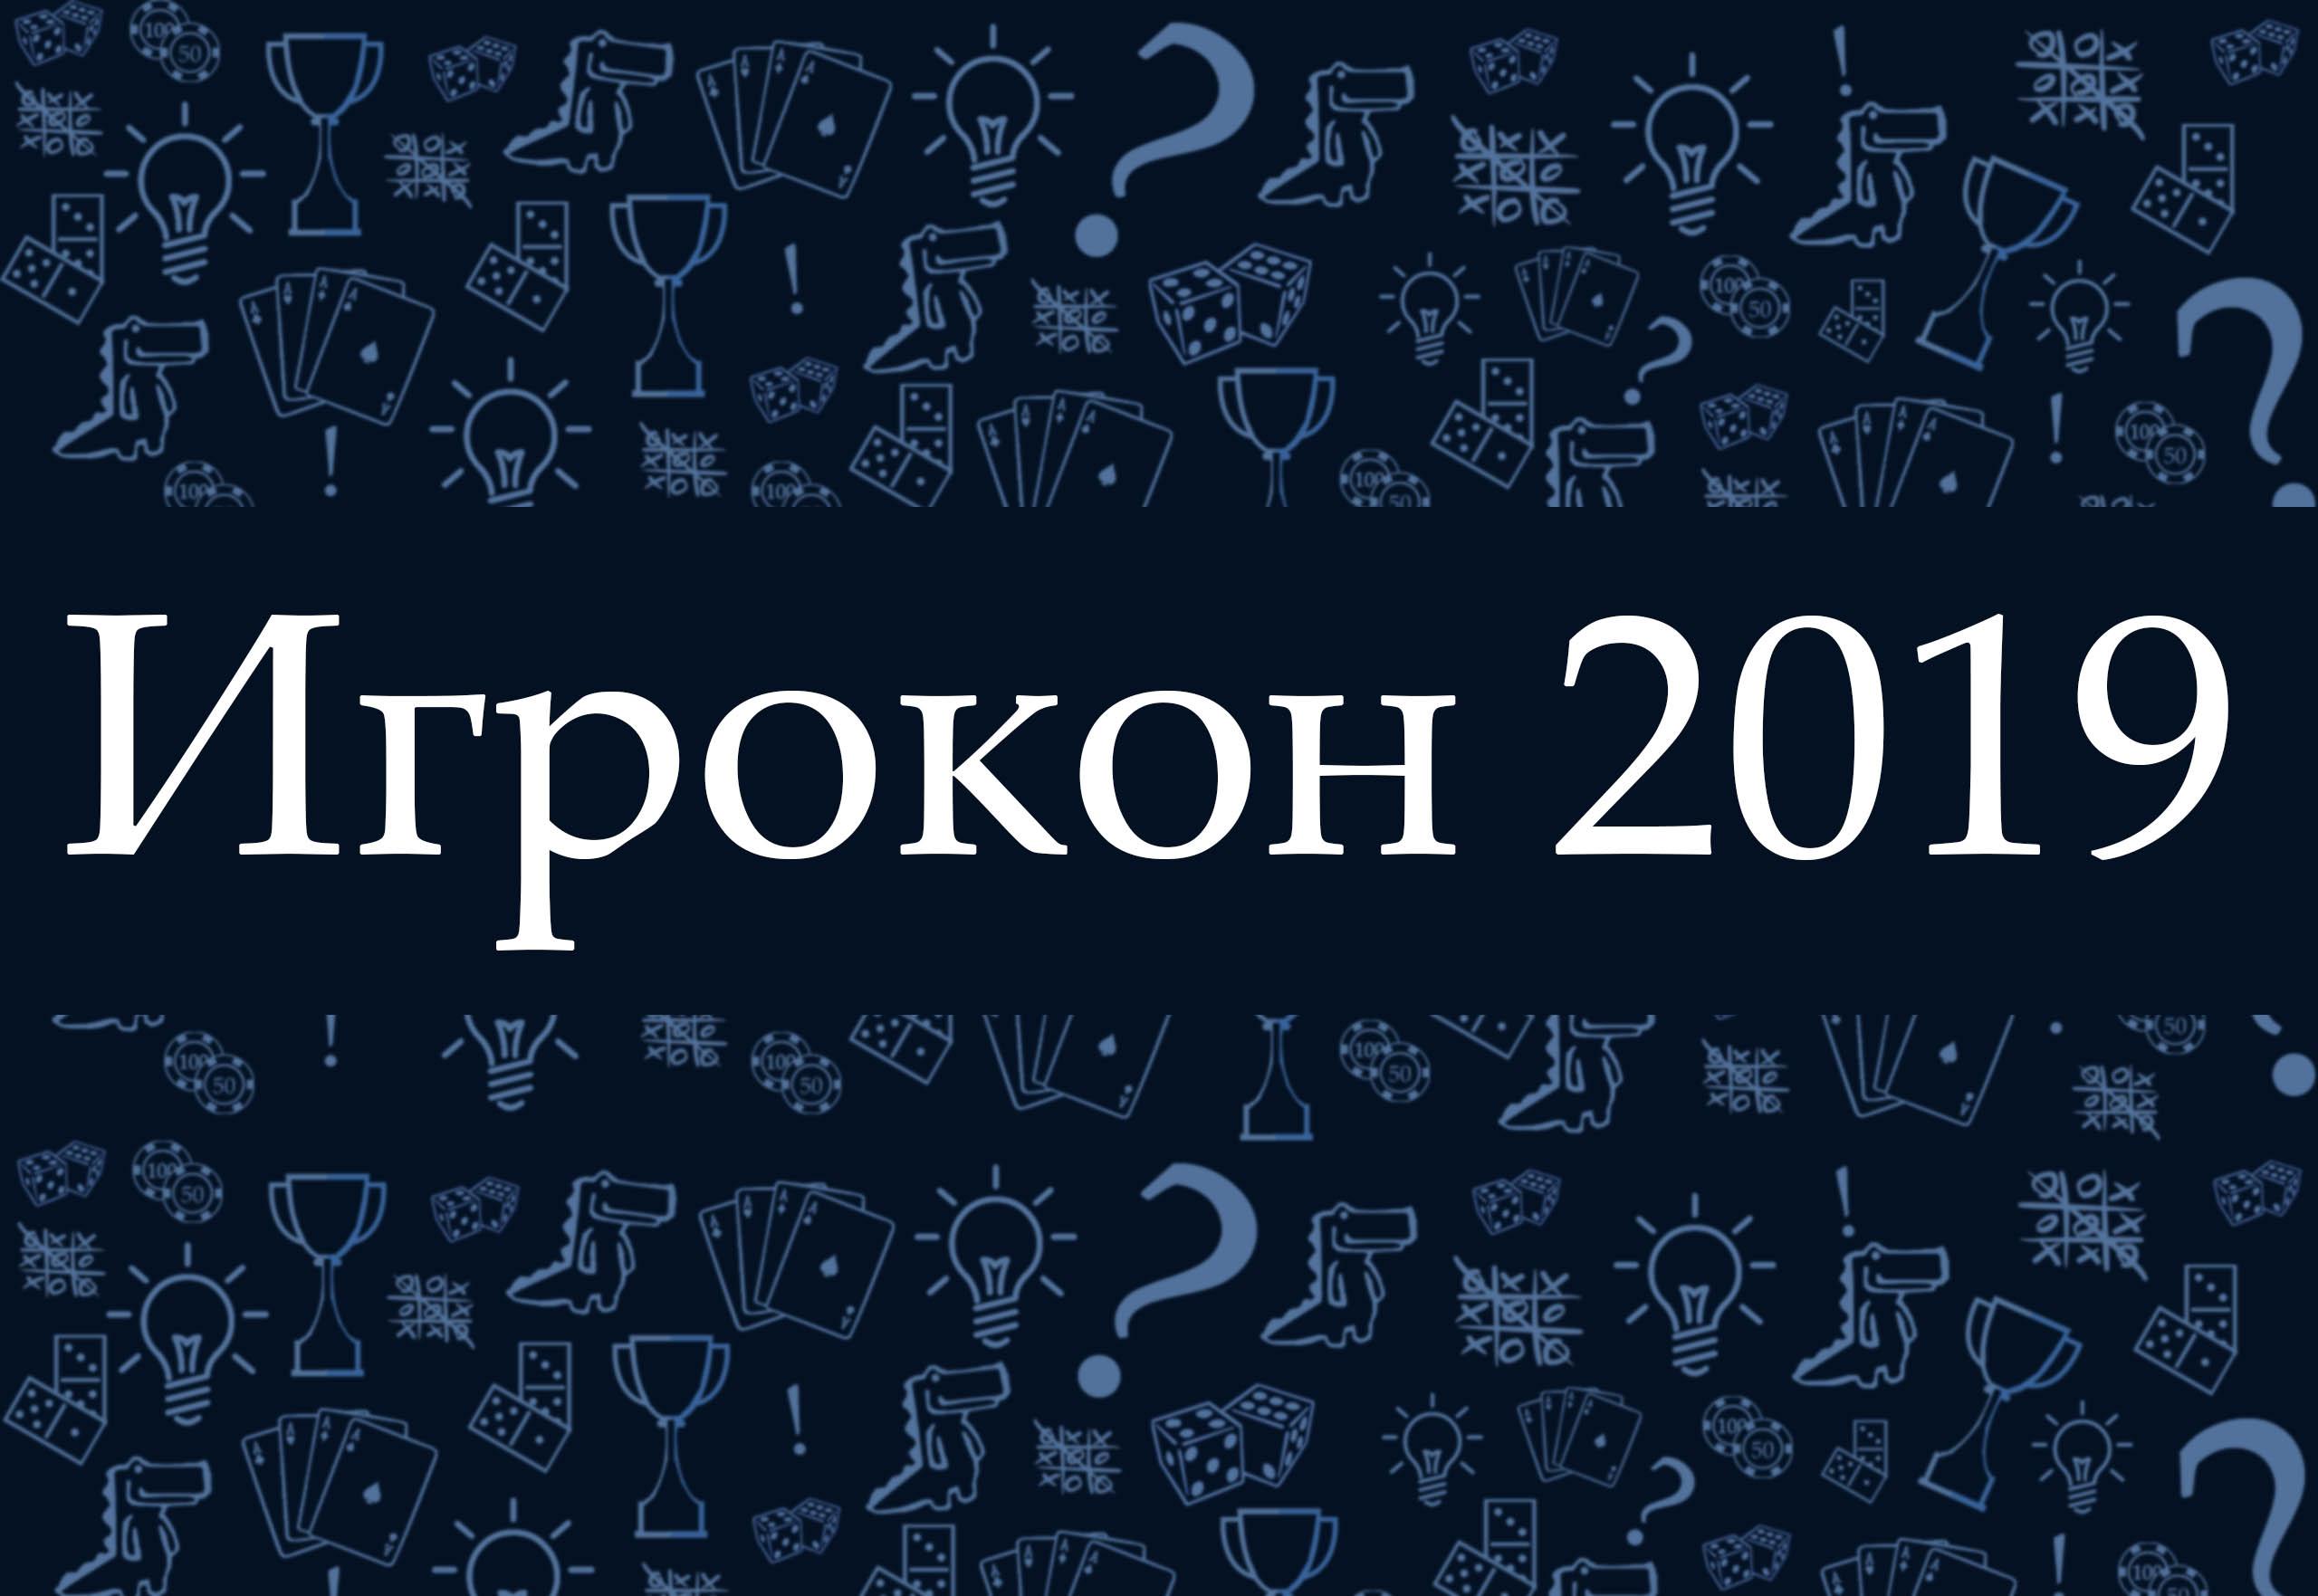 «Игрокон 2019» (rolethedice.ru Бросьте Кости)